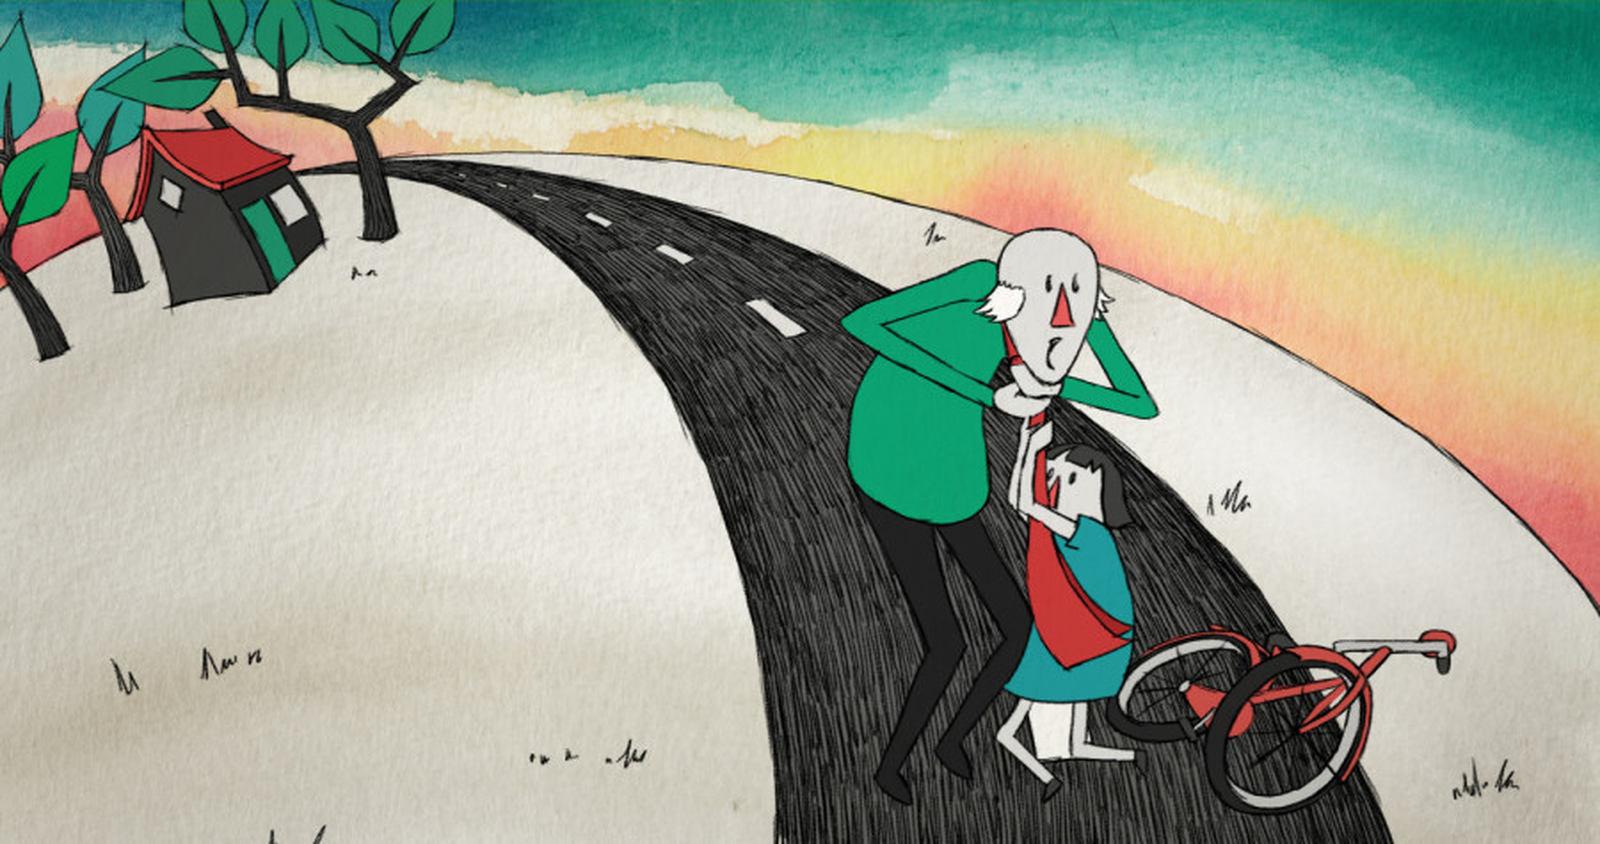 Cycle, Sophie Olga de Jong & Sytske Kok